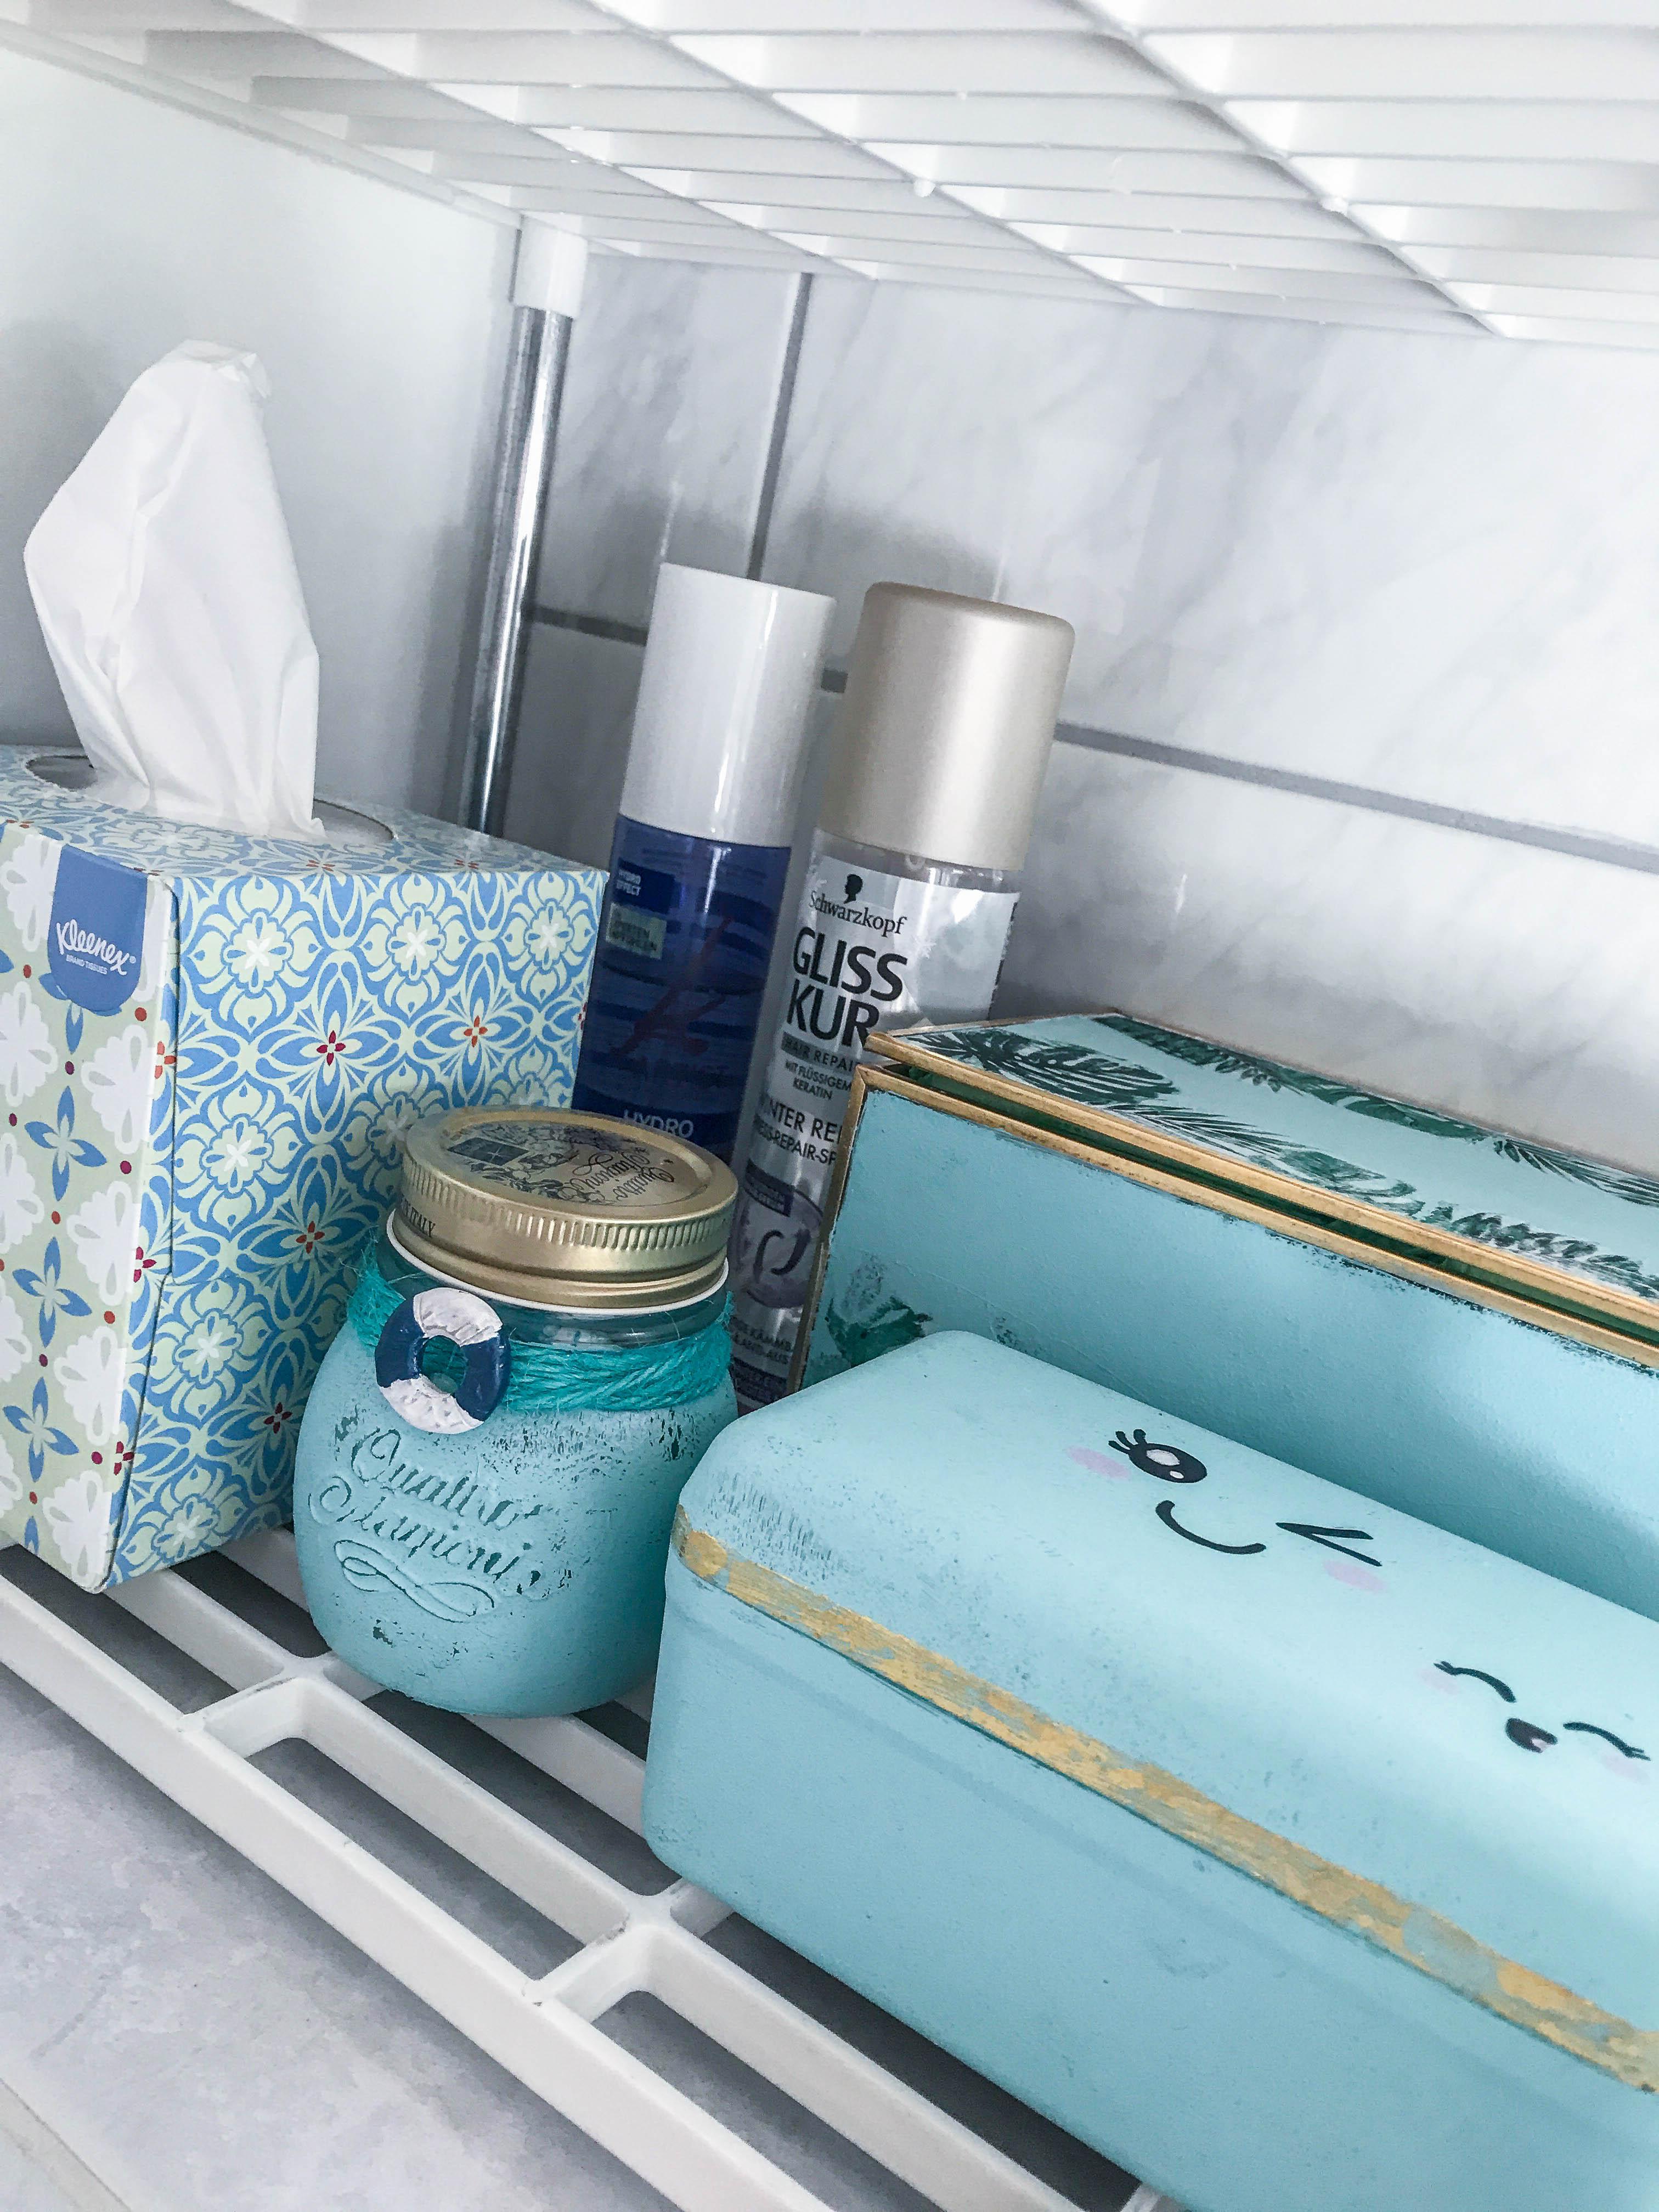 diy badezimmer aufbewahrung bienchen. Black Bedroom Furniture Sets. Home Design Ideas